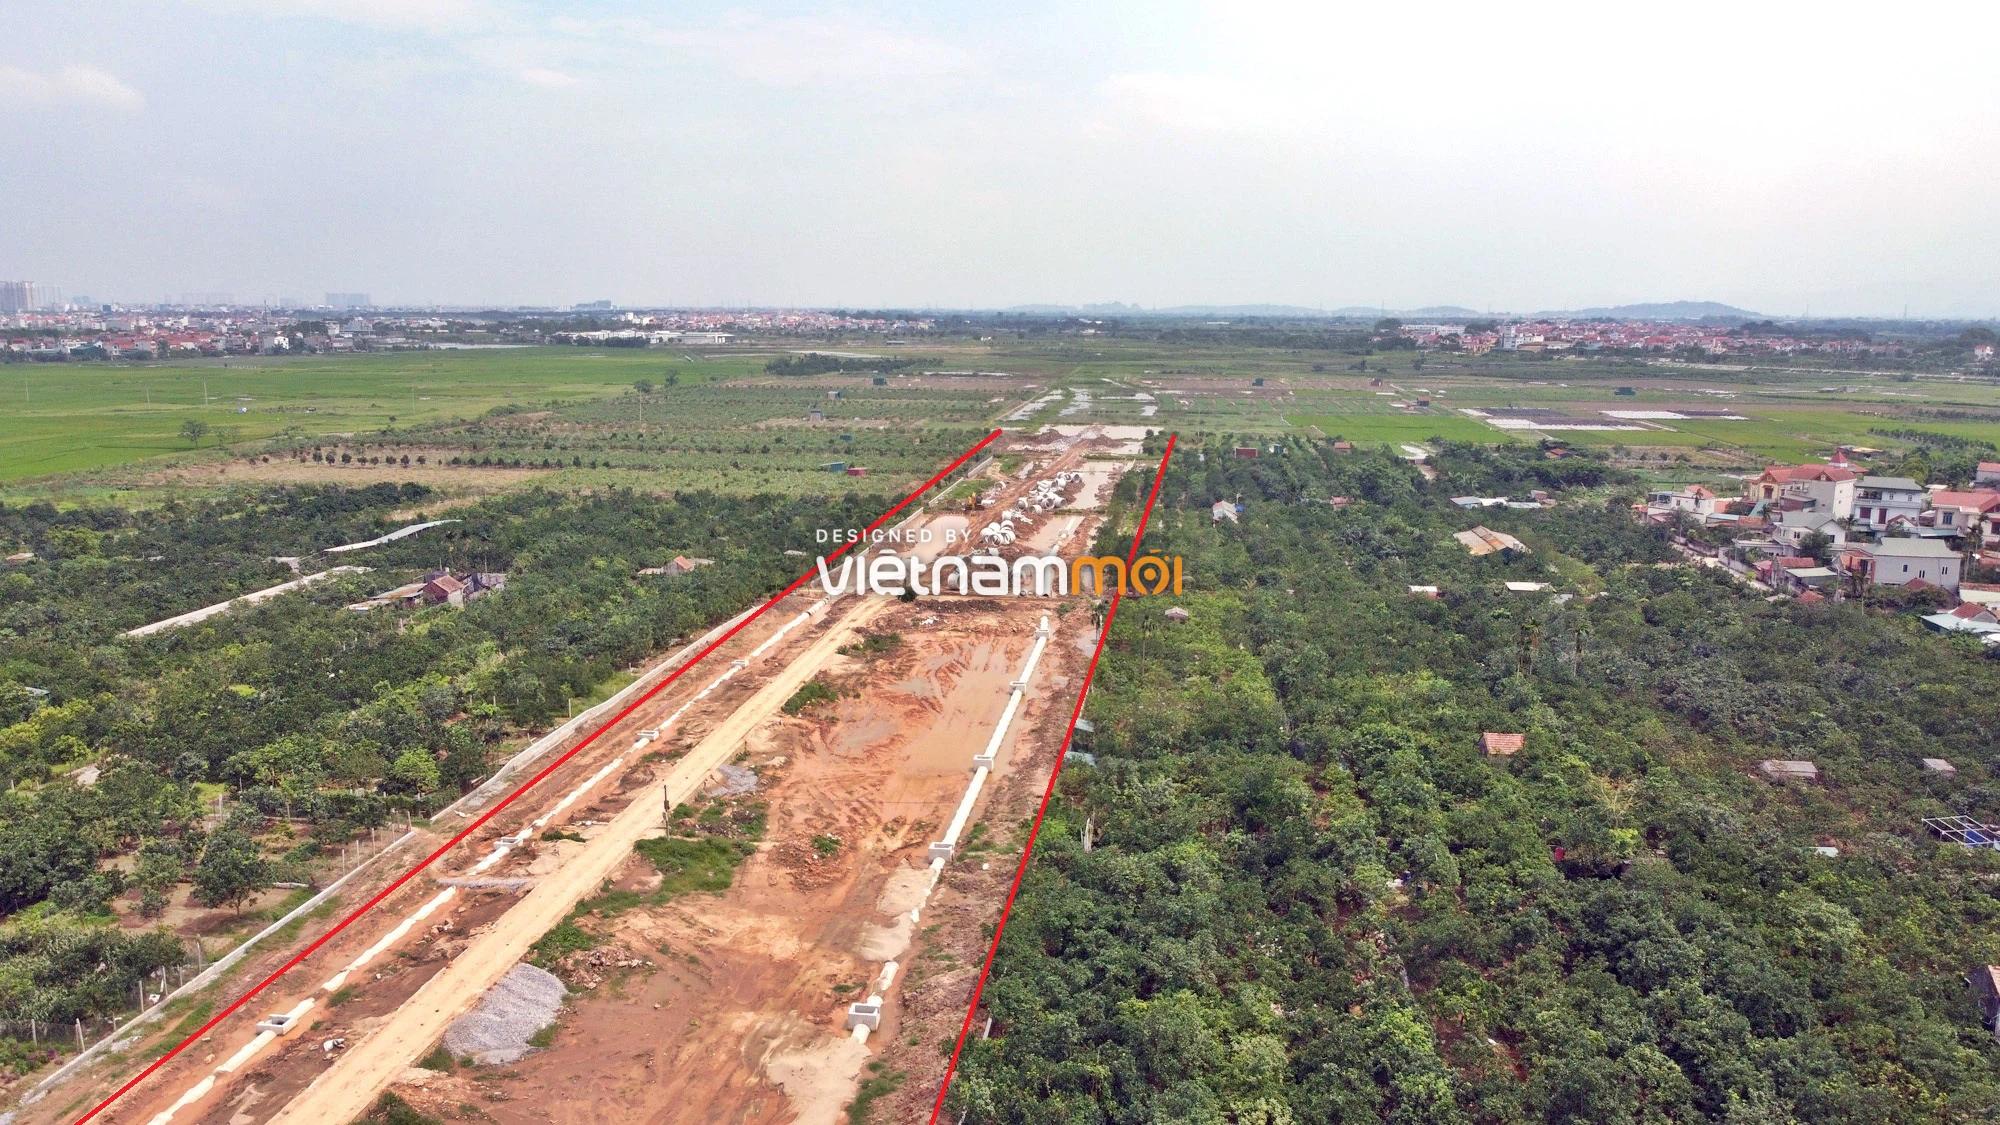 Toàn cảnh đường Liên khu vực 1 từ Đức Thượng đến Song Phương đang mở theo quy hoạch ở Hà Nội - Ảnh 12.